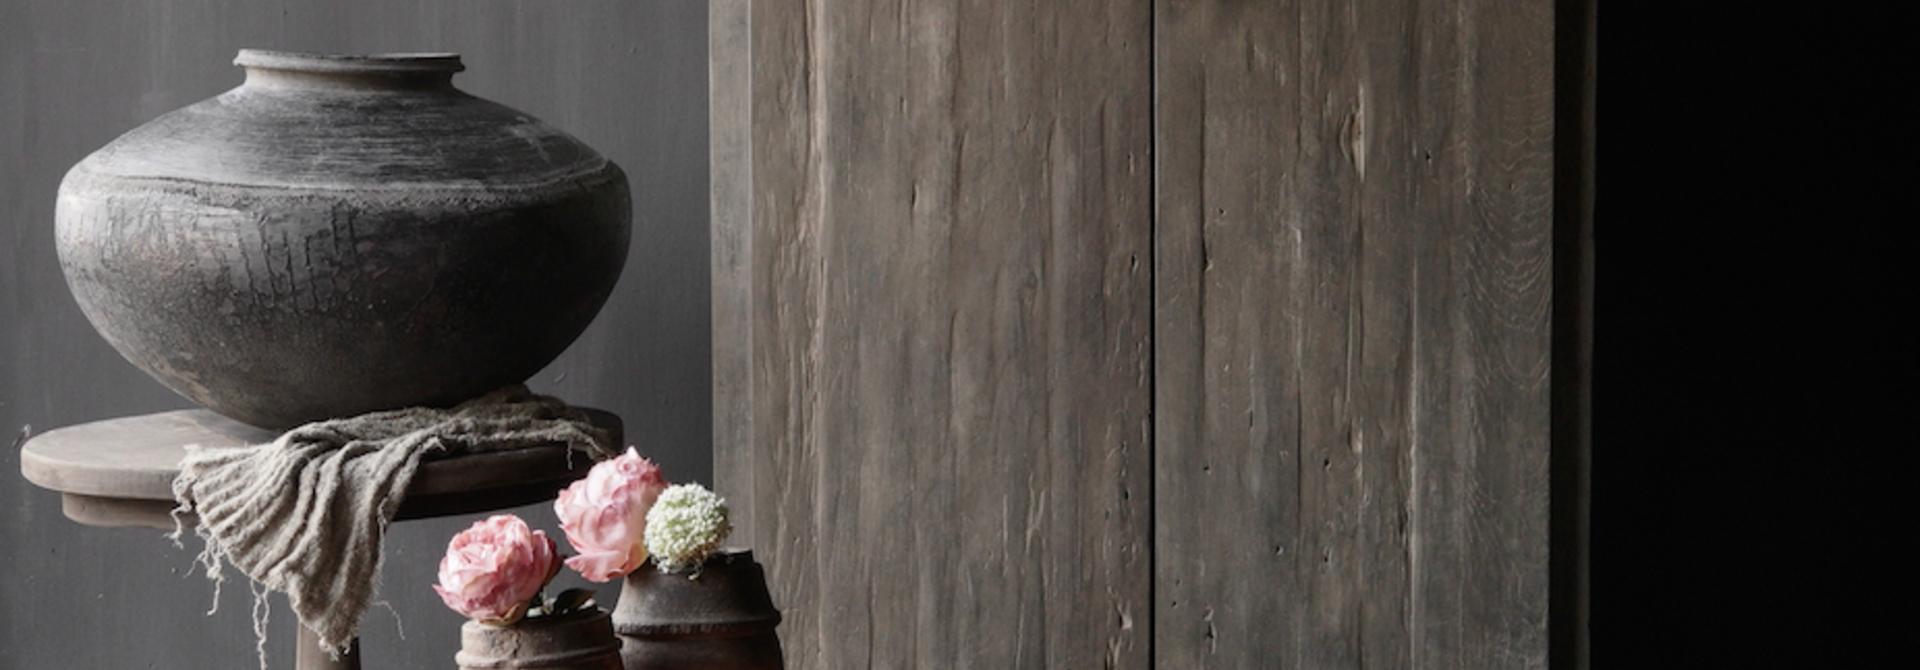 Schöner Tough Rural alter schmaler zweitüriger Holzschrank